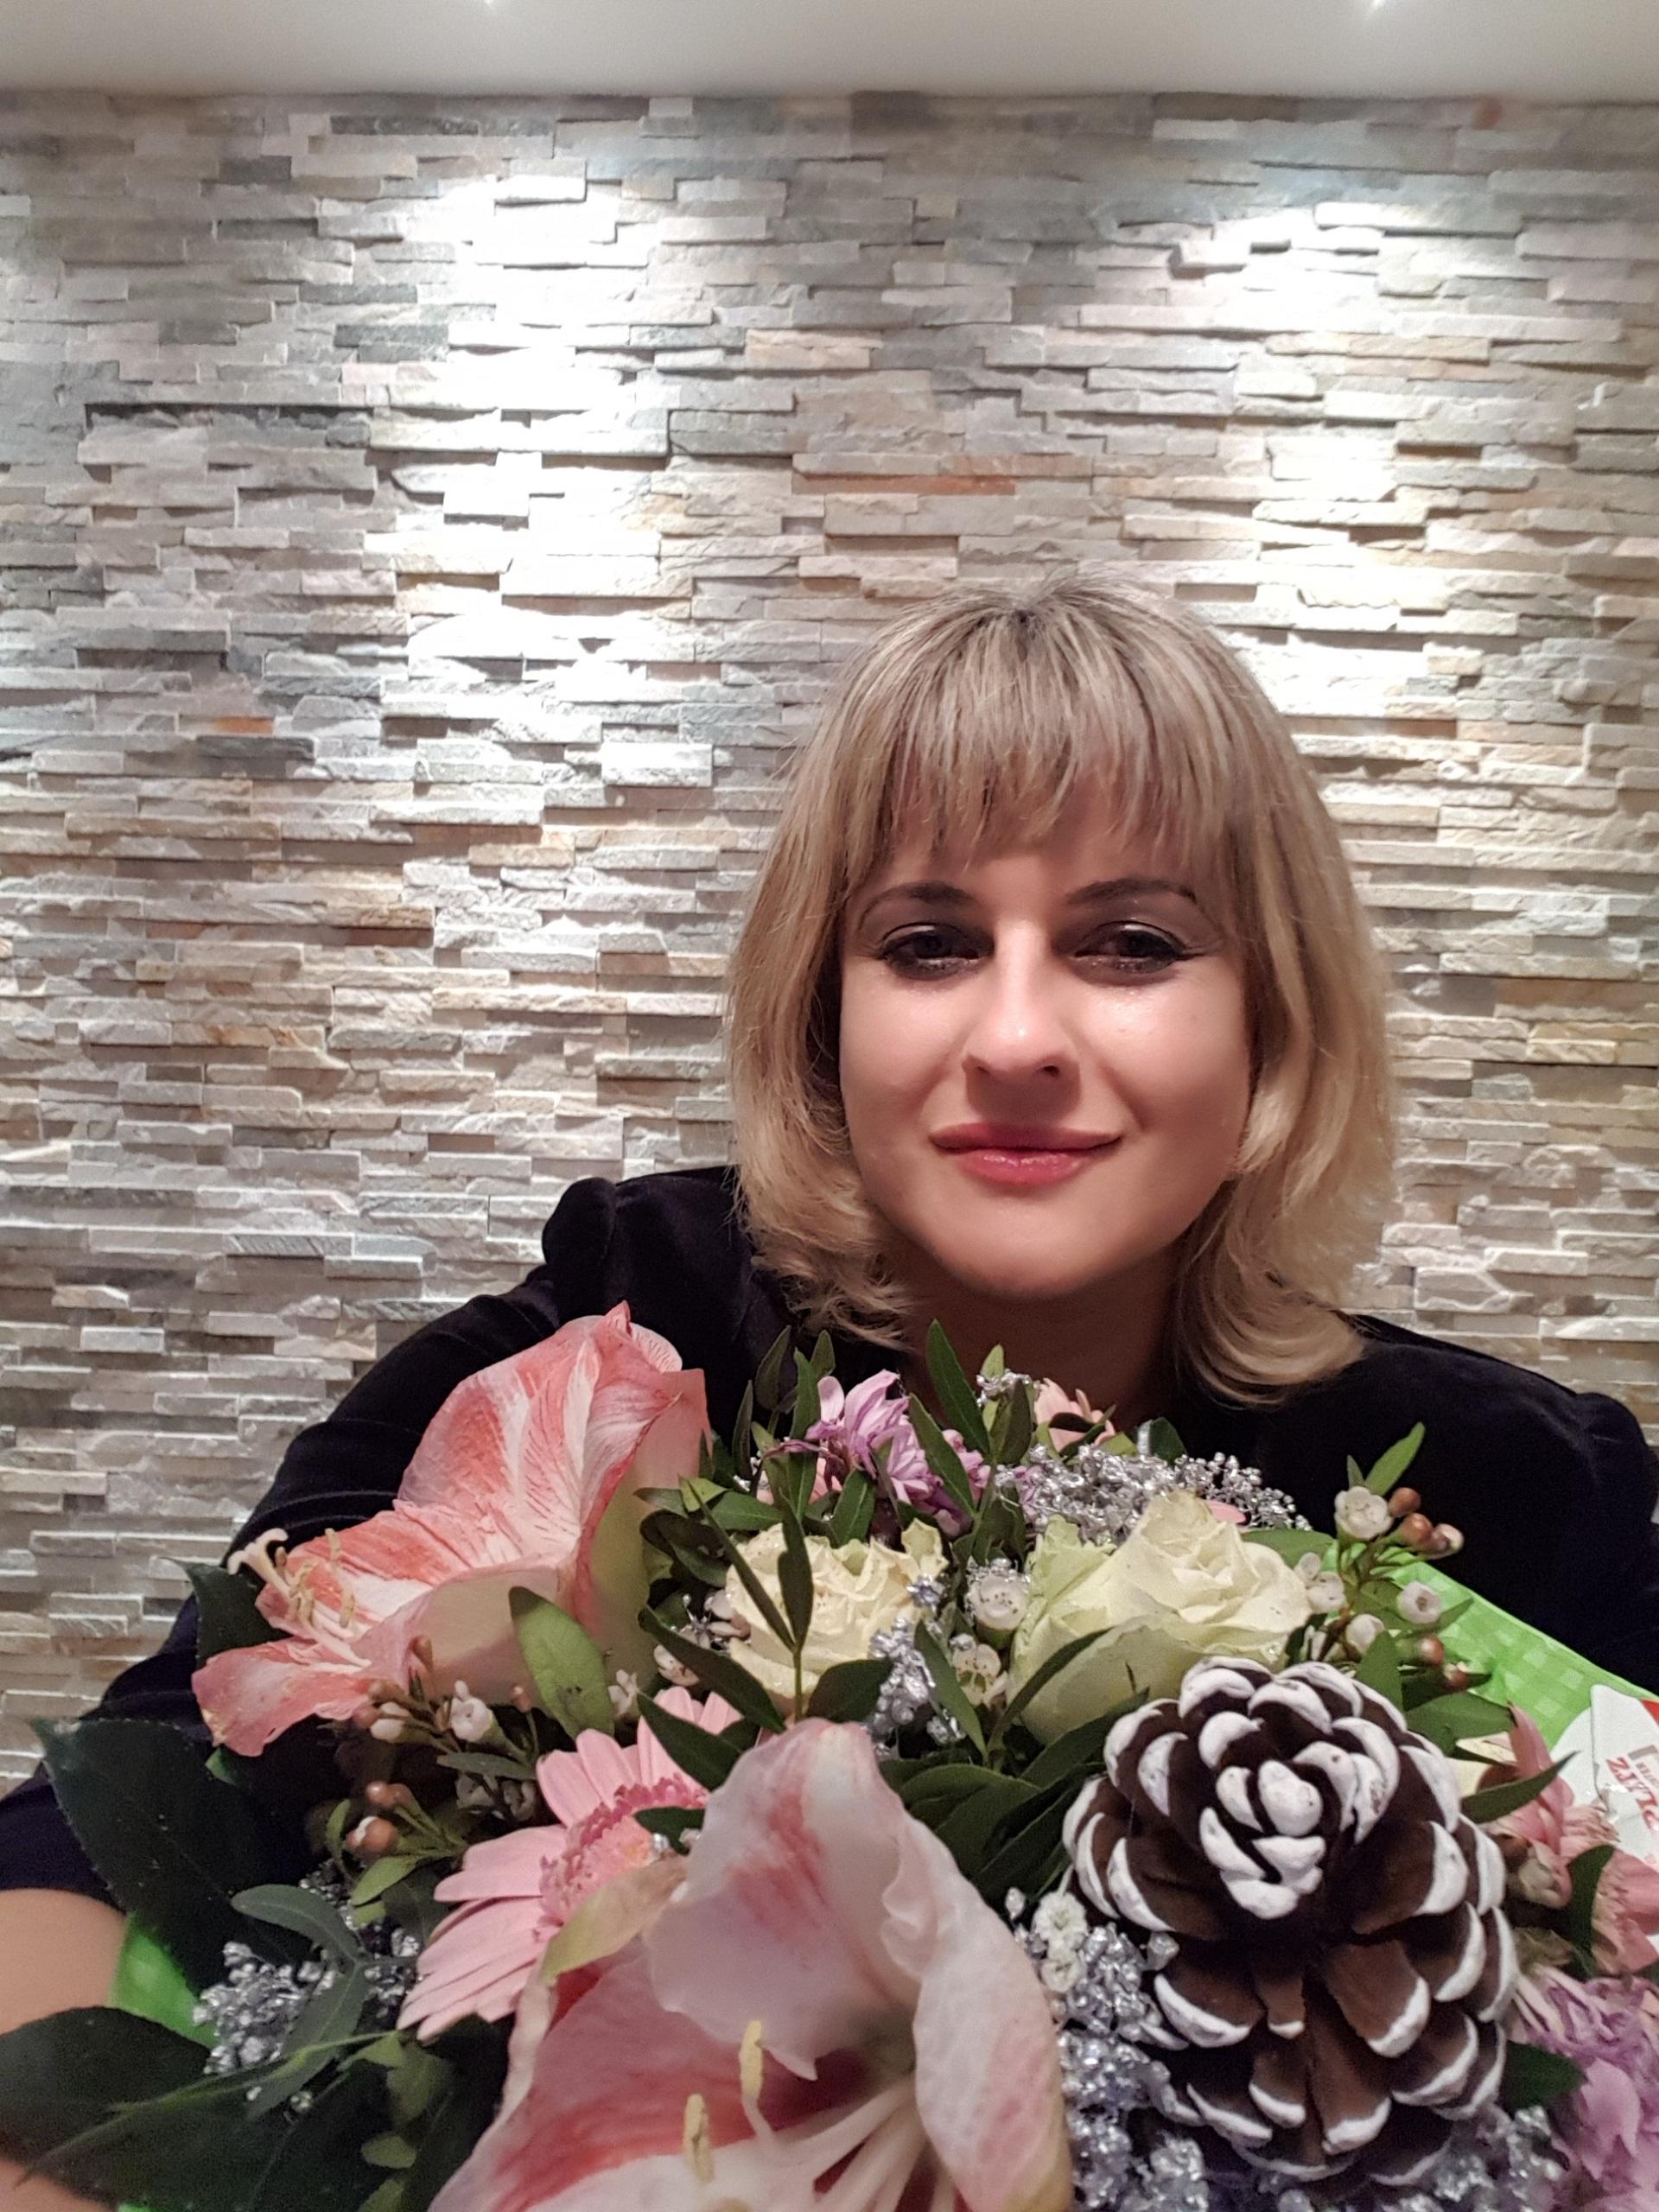 Lietuvių kalbos ir literatūros mokytoja Asta D`Elia šventė jubiliejų